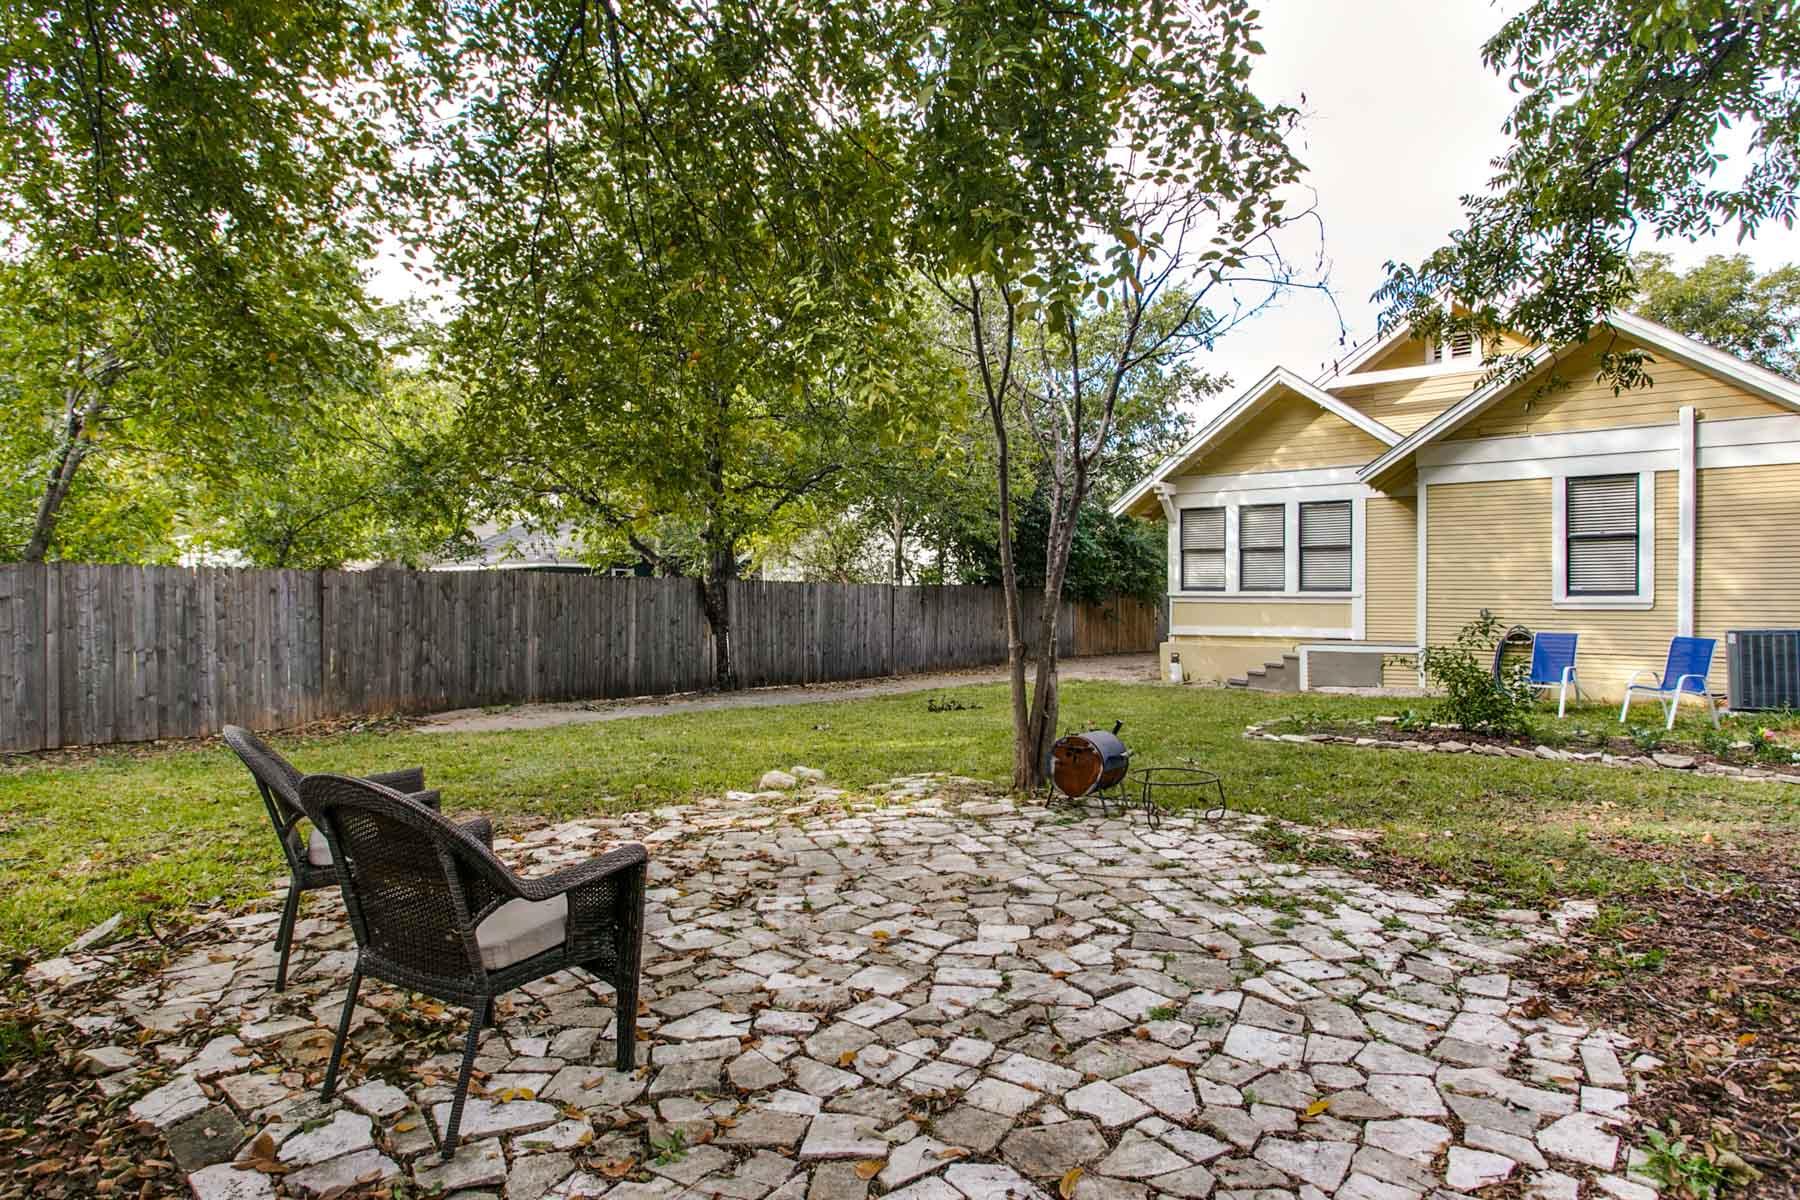 一戸建て のために 売買 アット 1921 Hurley Avenue, Fort Worth Fort Worth, テキサス, 76110 アメリカ合衆国